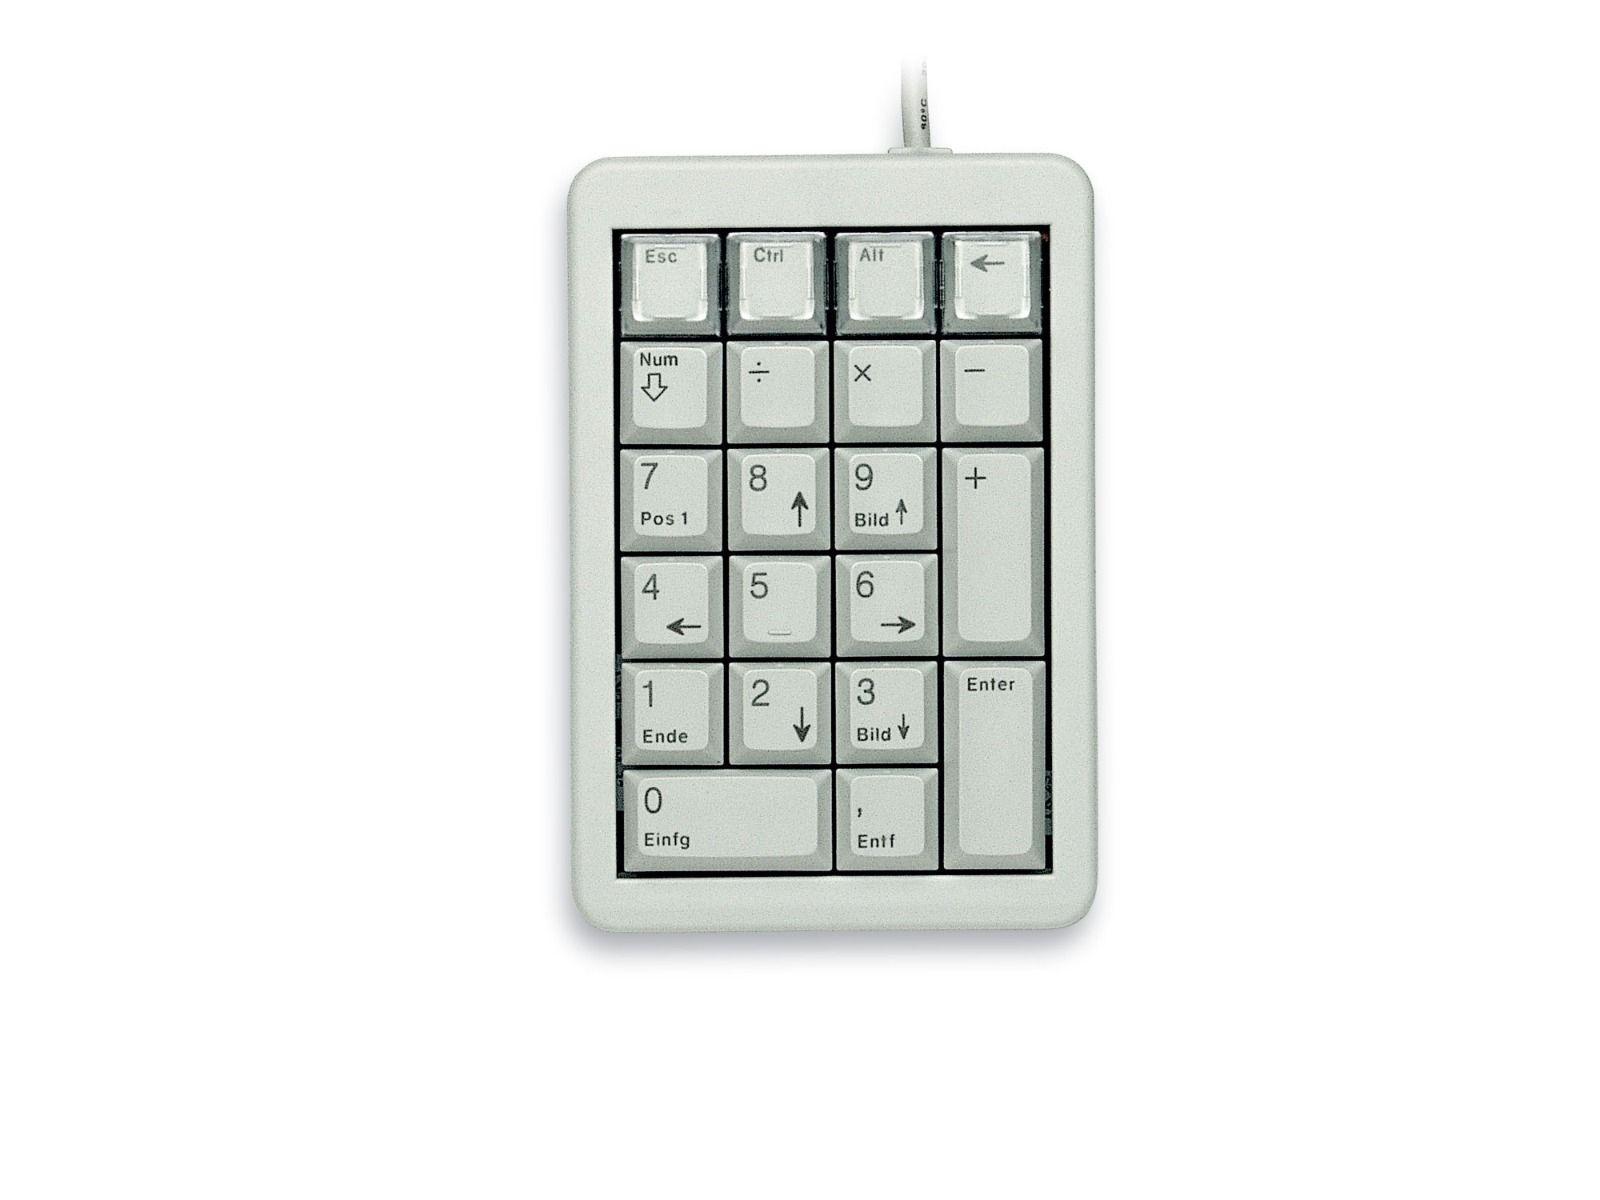 Цифрова клавиатура CHERRY G84-4700 Keypad, USB, сива